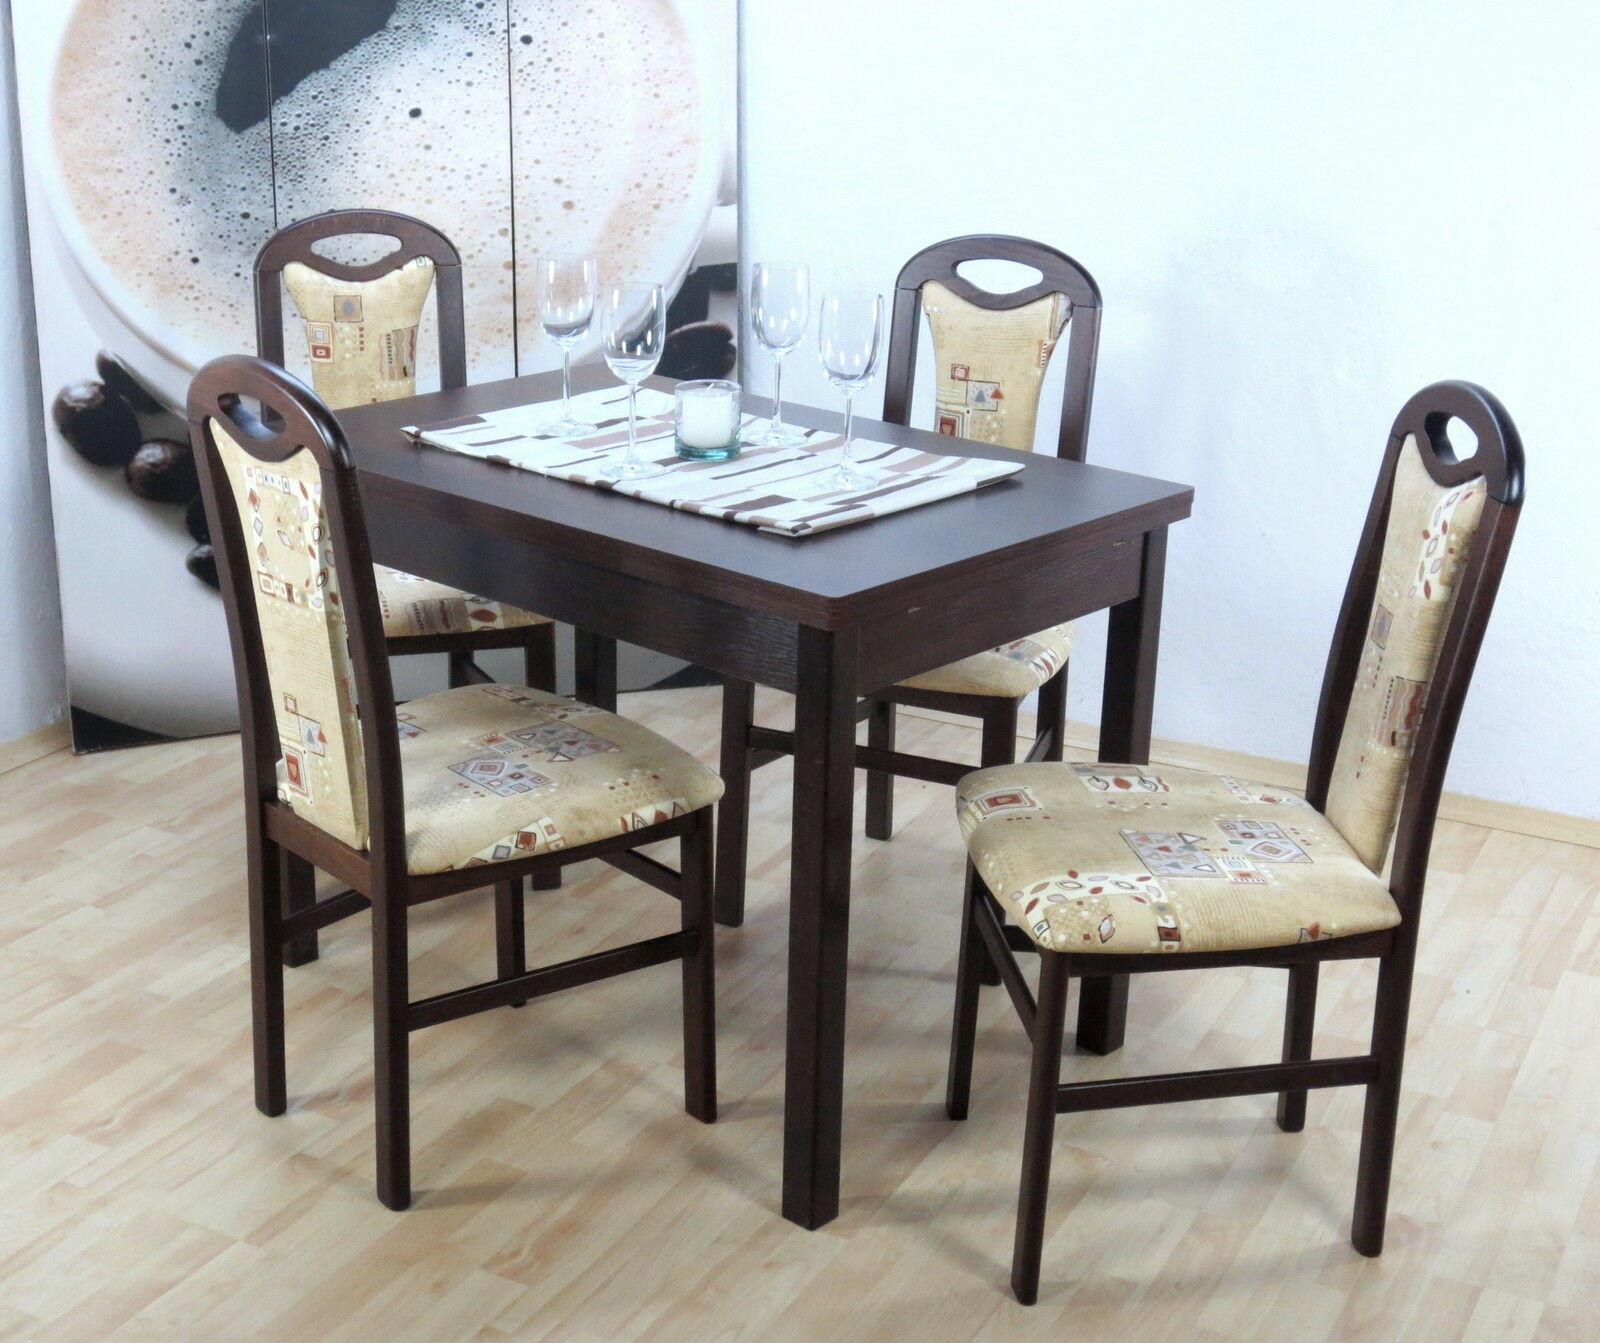 Moderne Tischgruppe 5 Teilig Buche Massiv Nußbaum Beige Tisch Stühle